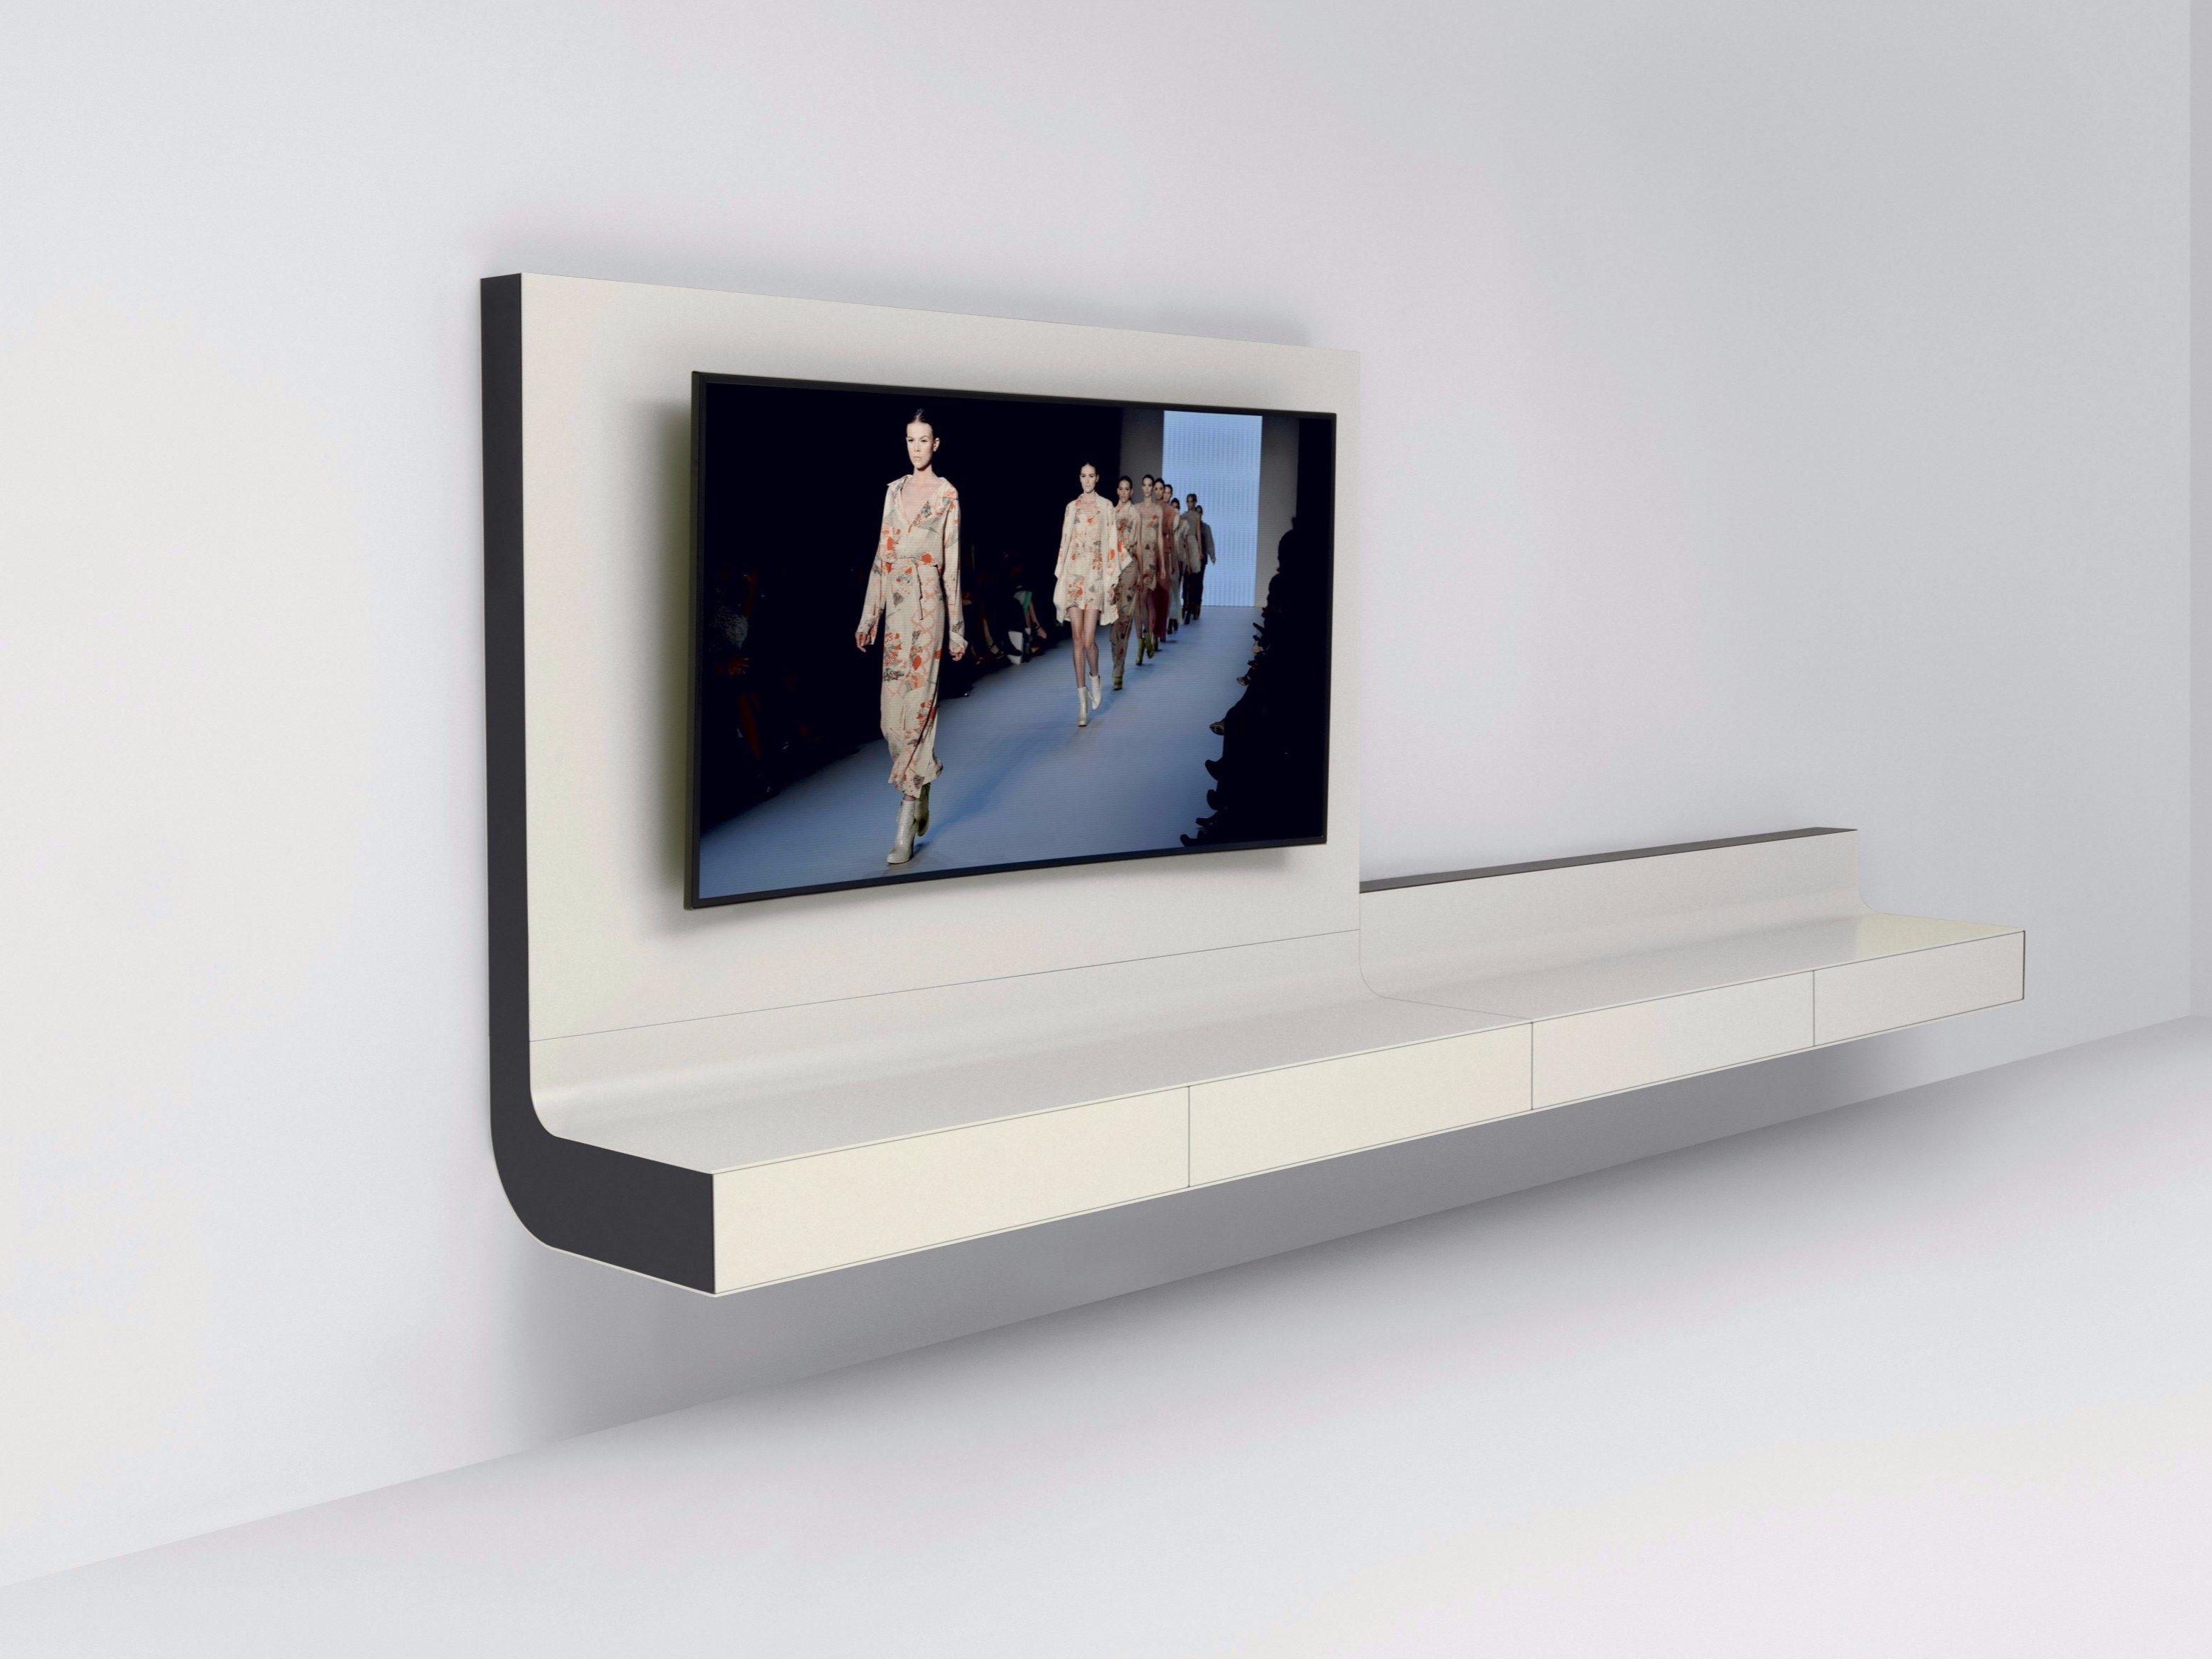 Mobili sospesi mobili bagno moderni sospesi completo con for Mobile tv sospeso